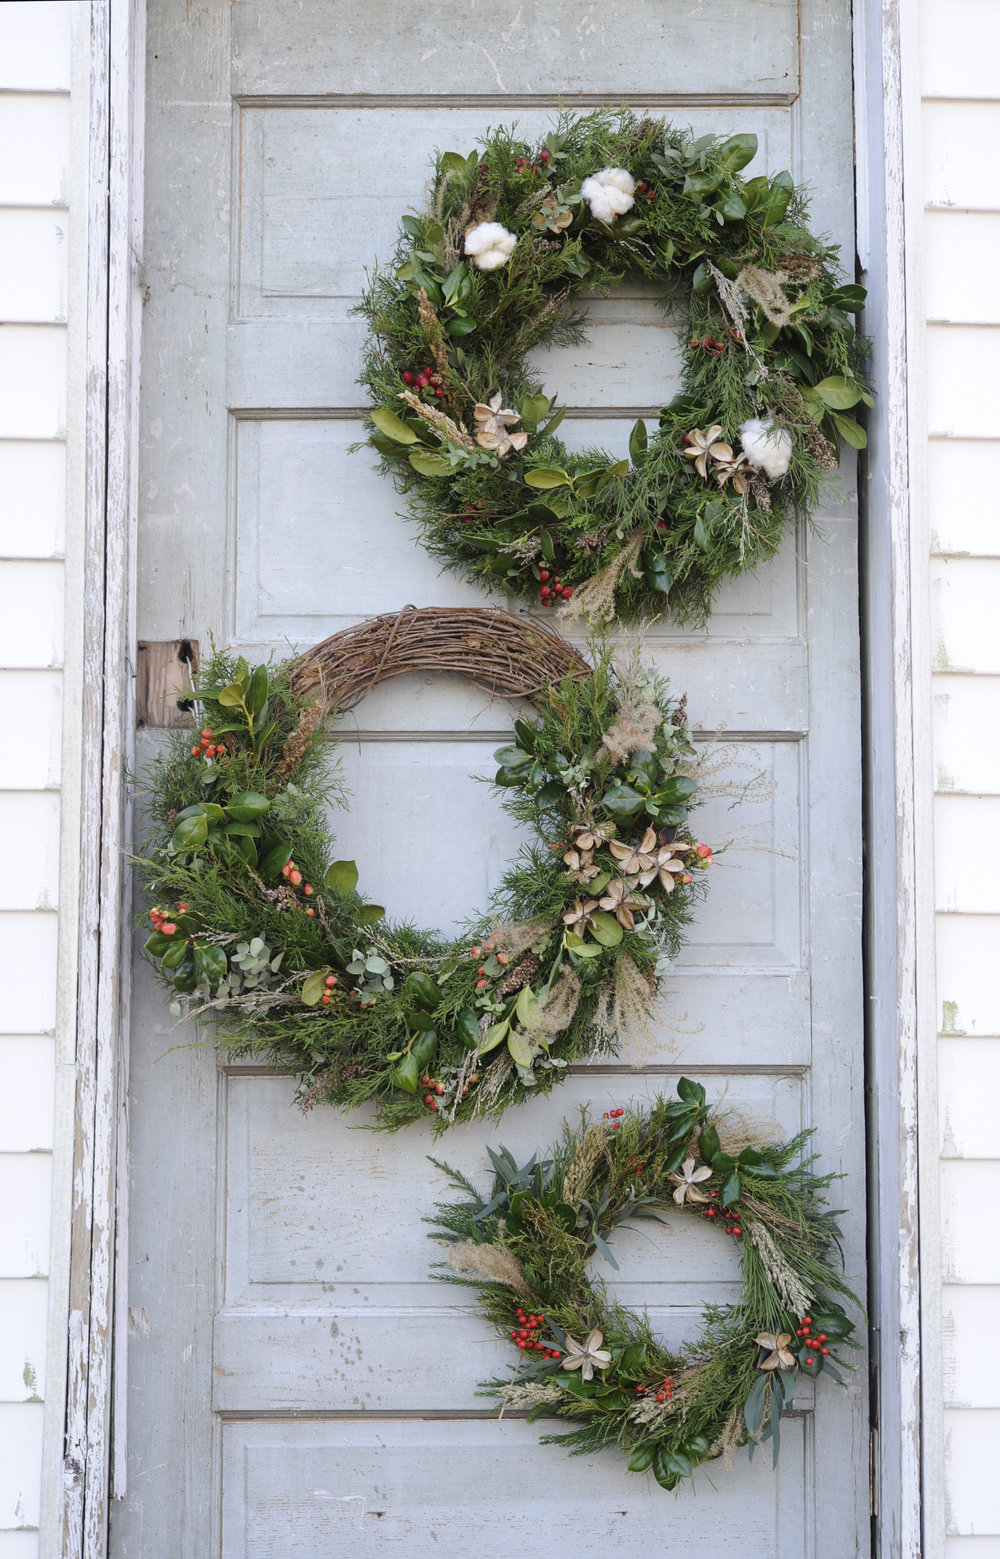 Wilder Wreaths in 3 sizes